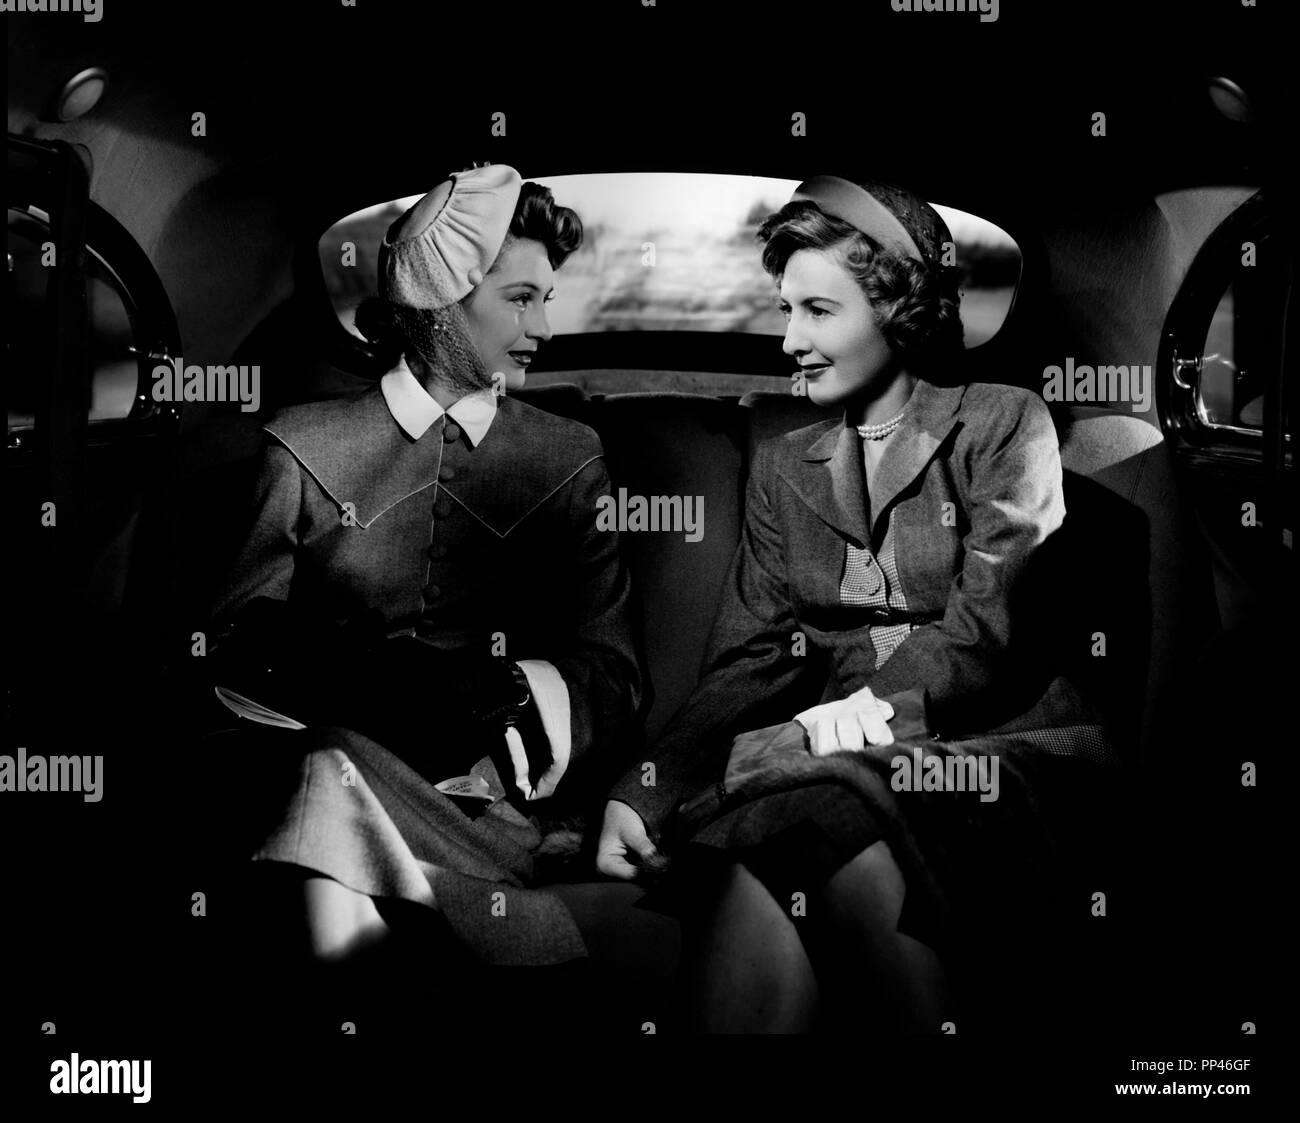 Prod DB © Loew's Inc. - Metro-Goldwyn-Mayer / DR VILLE HAUTE, VILLE BASSE (EAST SIDE, WEST SIDE) de Mervyn LeRoy 1949 USA avec Cyd Charisse et Barbara Stanwyck deux femmes, interieur de voiture d'apres le roman de Marcia Davenport code MGM: S 1464 - Stock Image